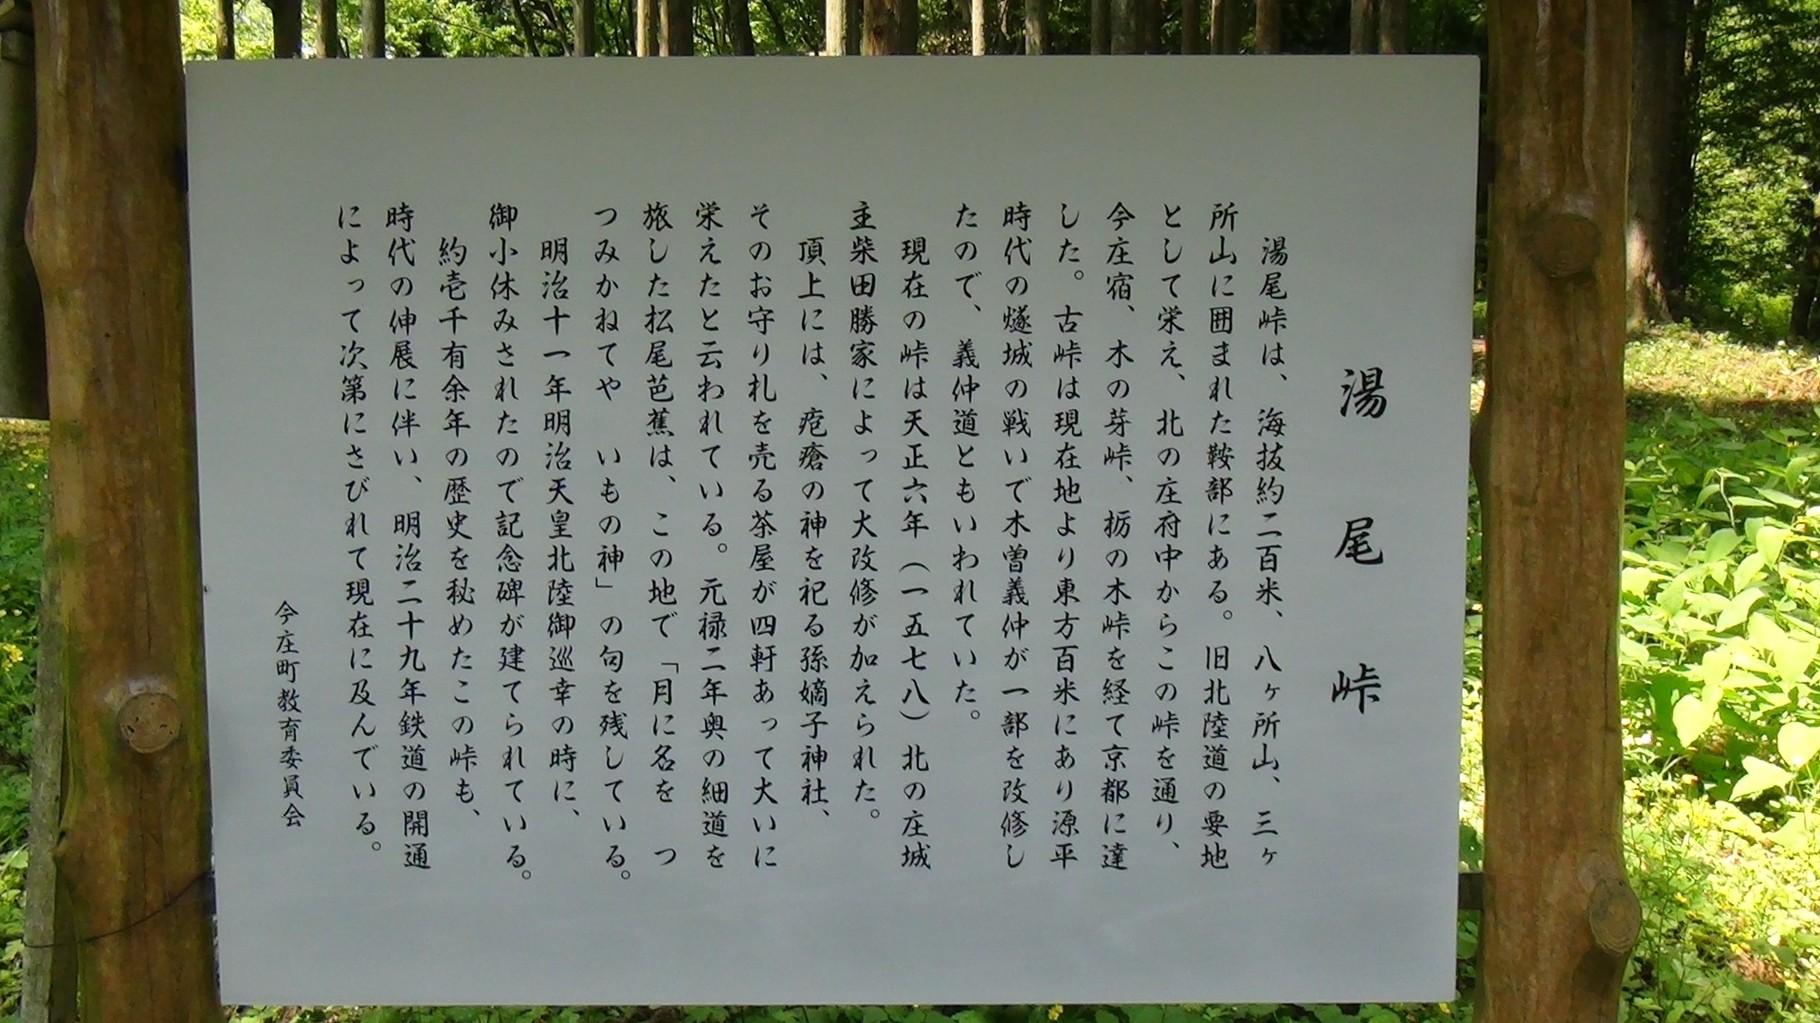 元禄2年には松尾芭蕉がここで句を読んでいる。